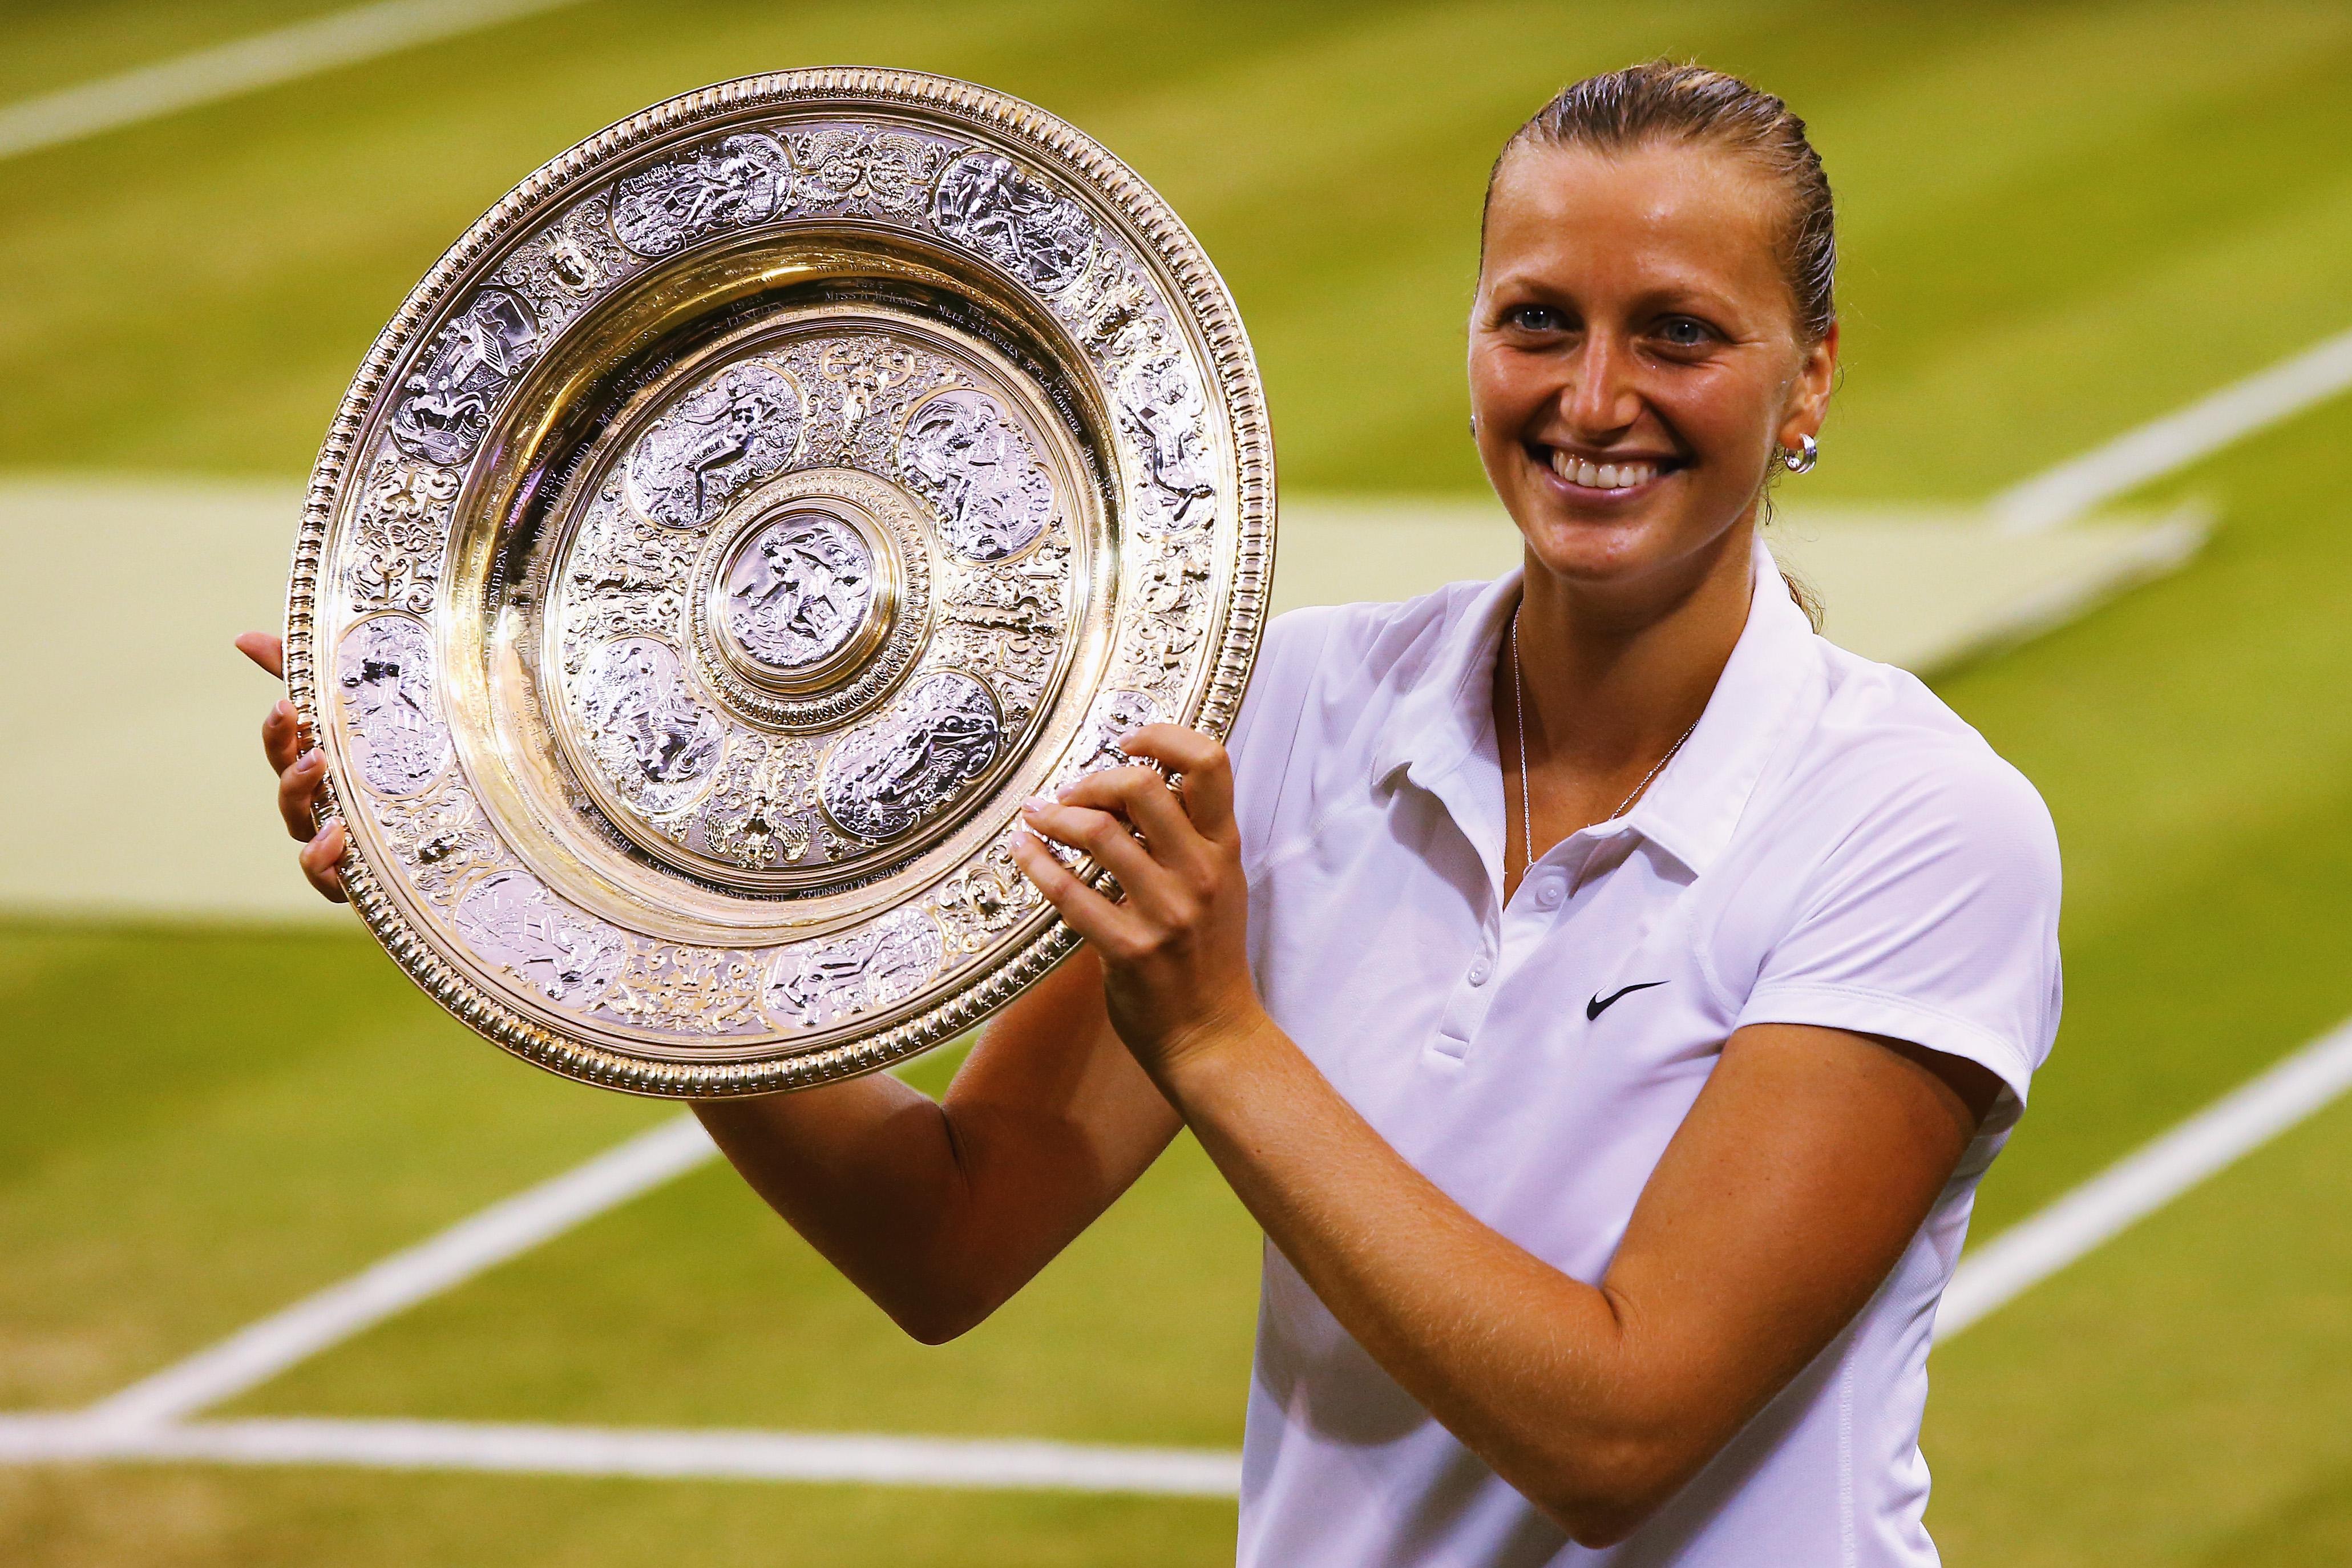 Petra Kvitova zählt zu den Favoritinnen in Wimbledon. Die Tschechin konnte das Turnier bereits 2011 und 2014 (Foto) gewinnen.